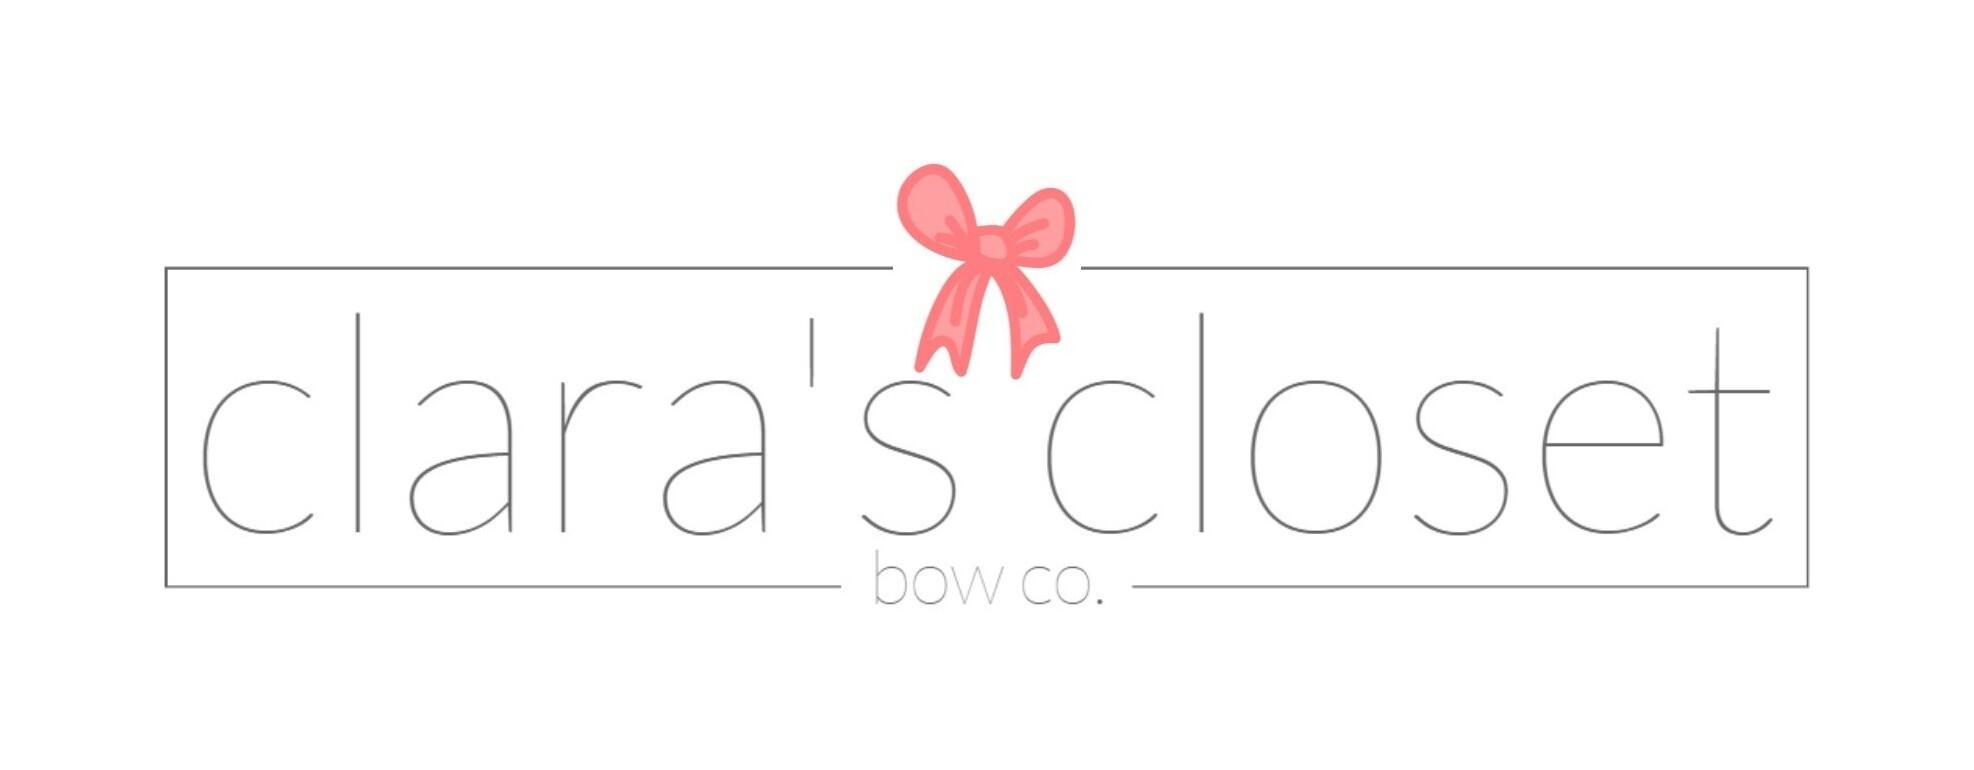 55 Off Clara S Closet Bow Coupon Code 2020 After